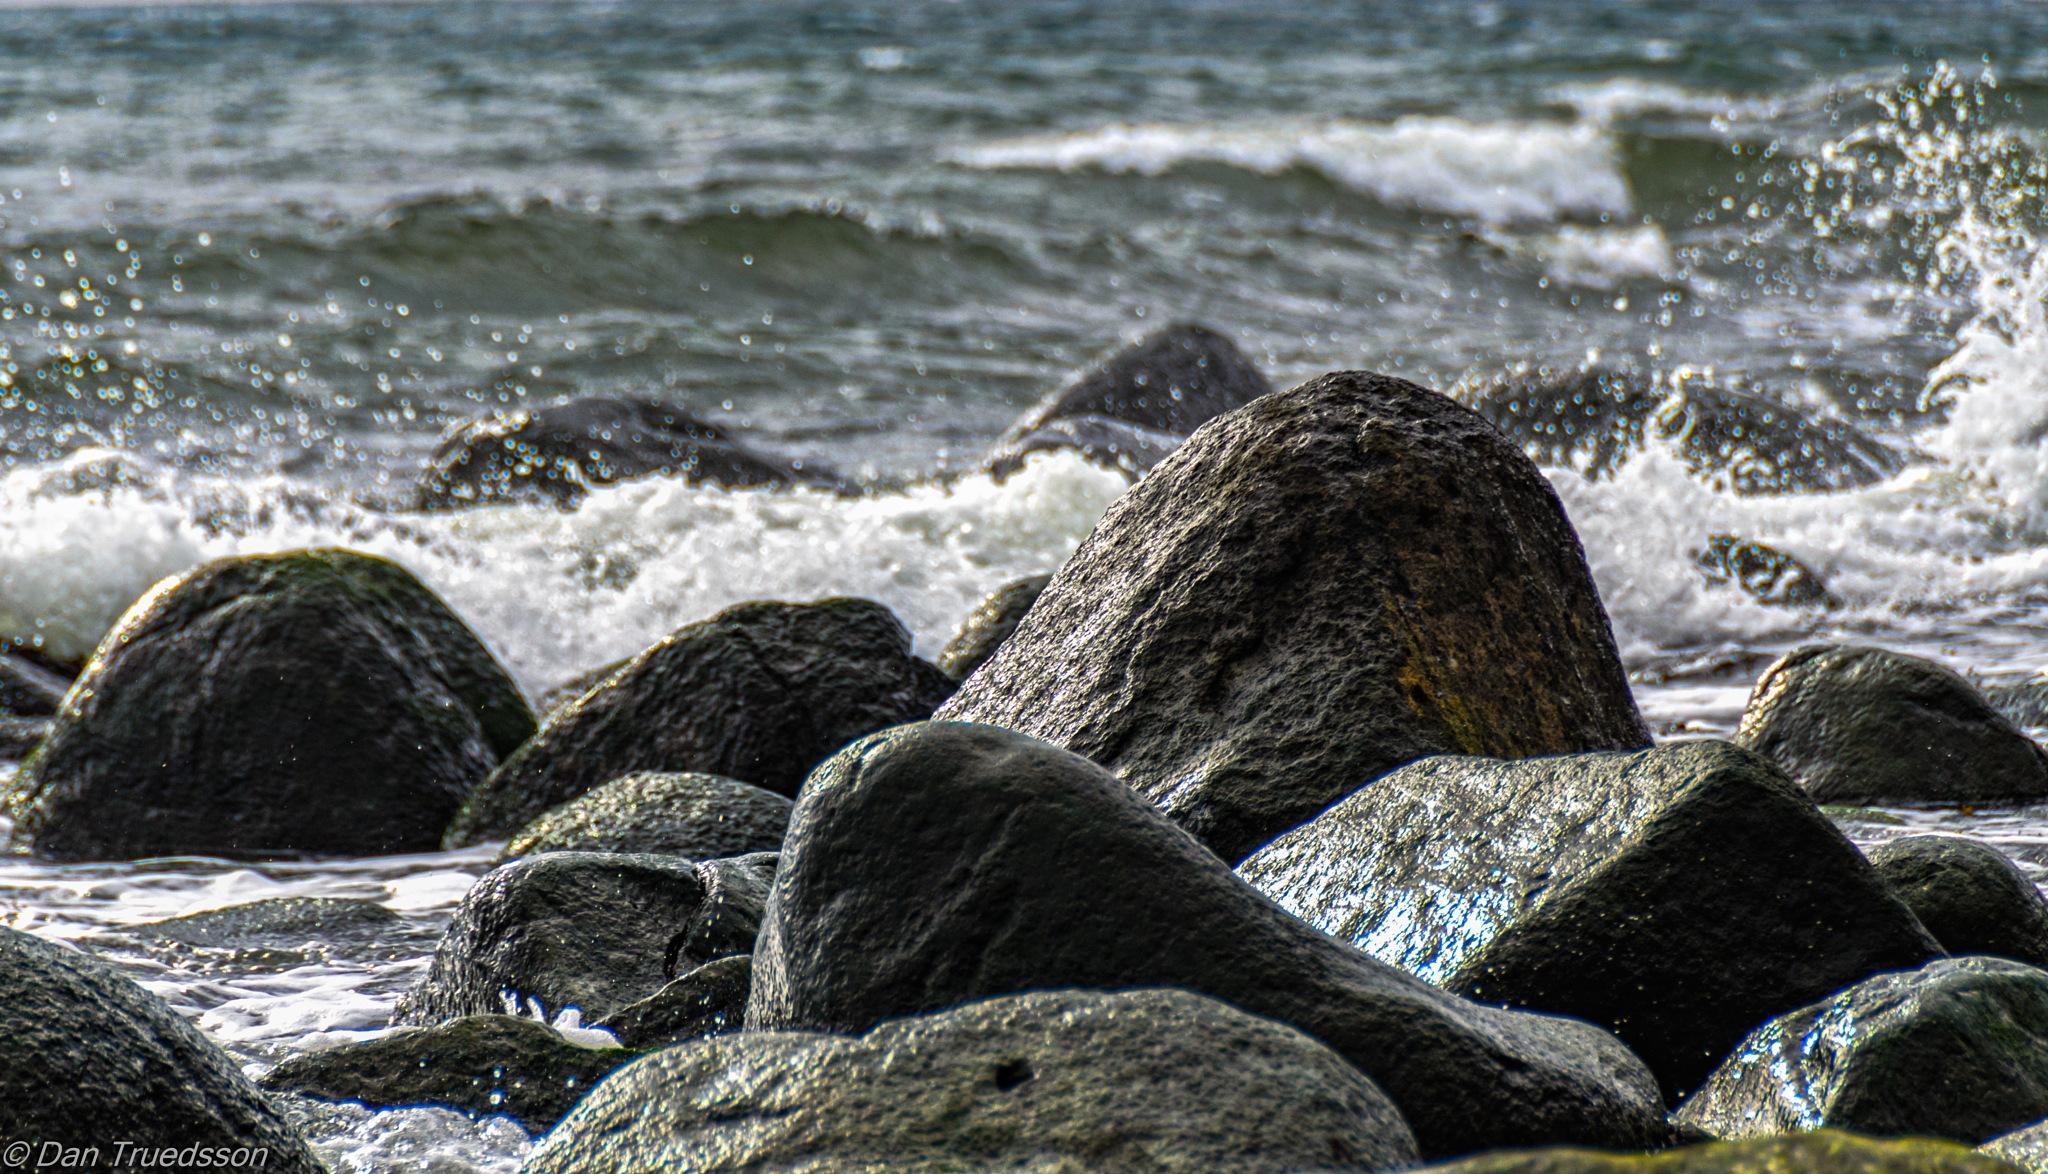 Wet stones by Dan Truedsson